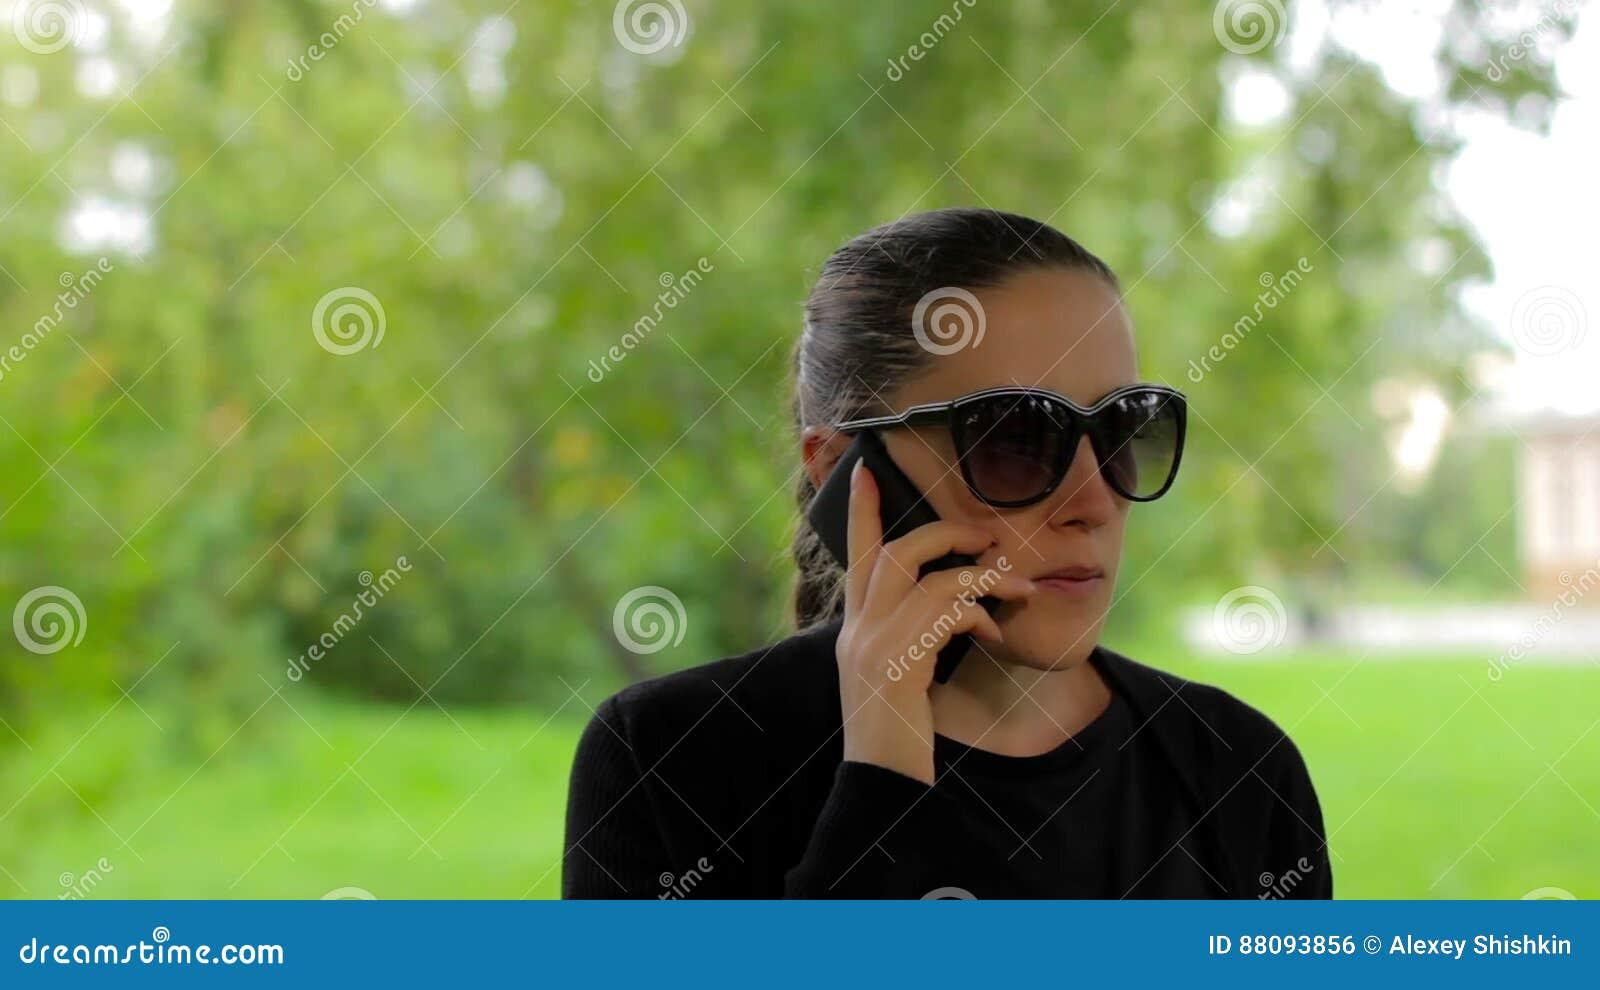 Девочка кончает на вэб камеру